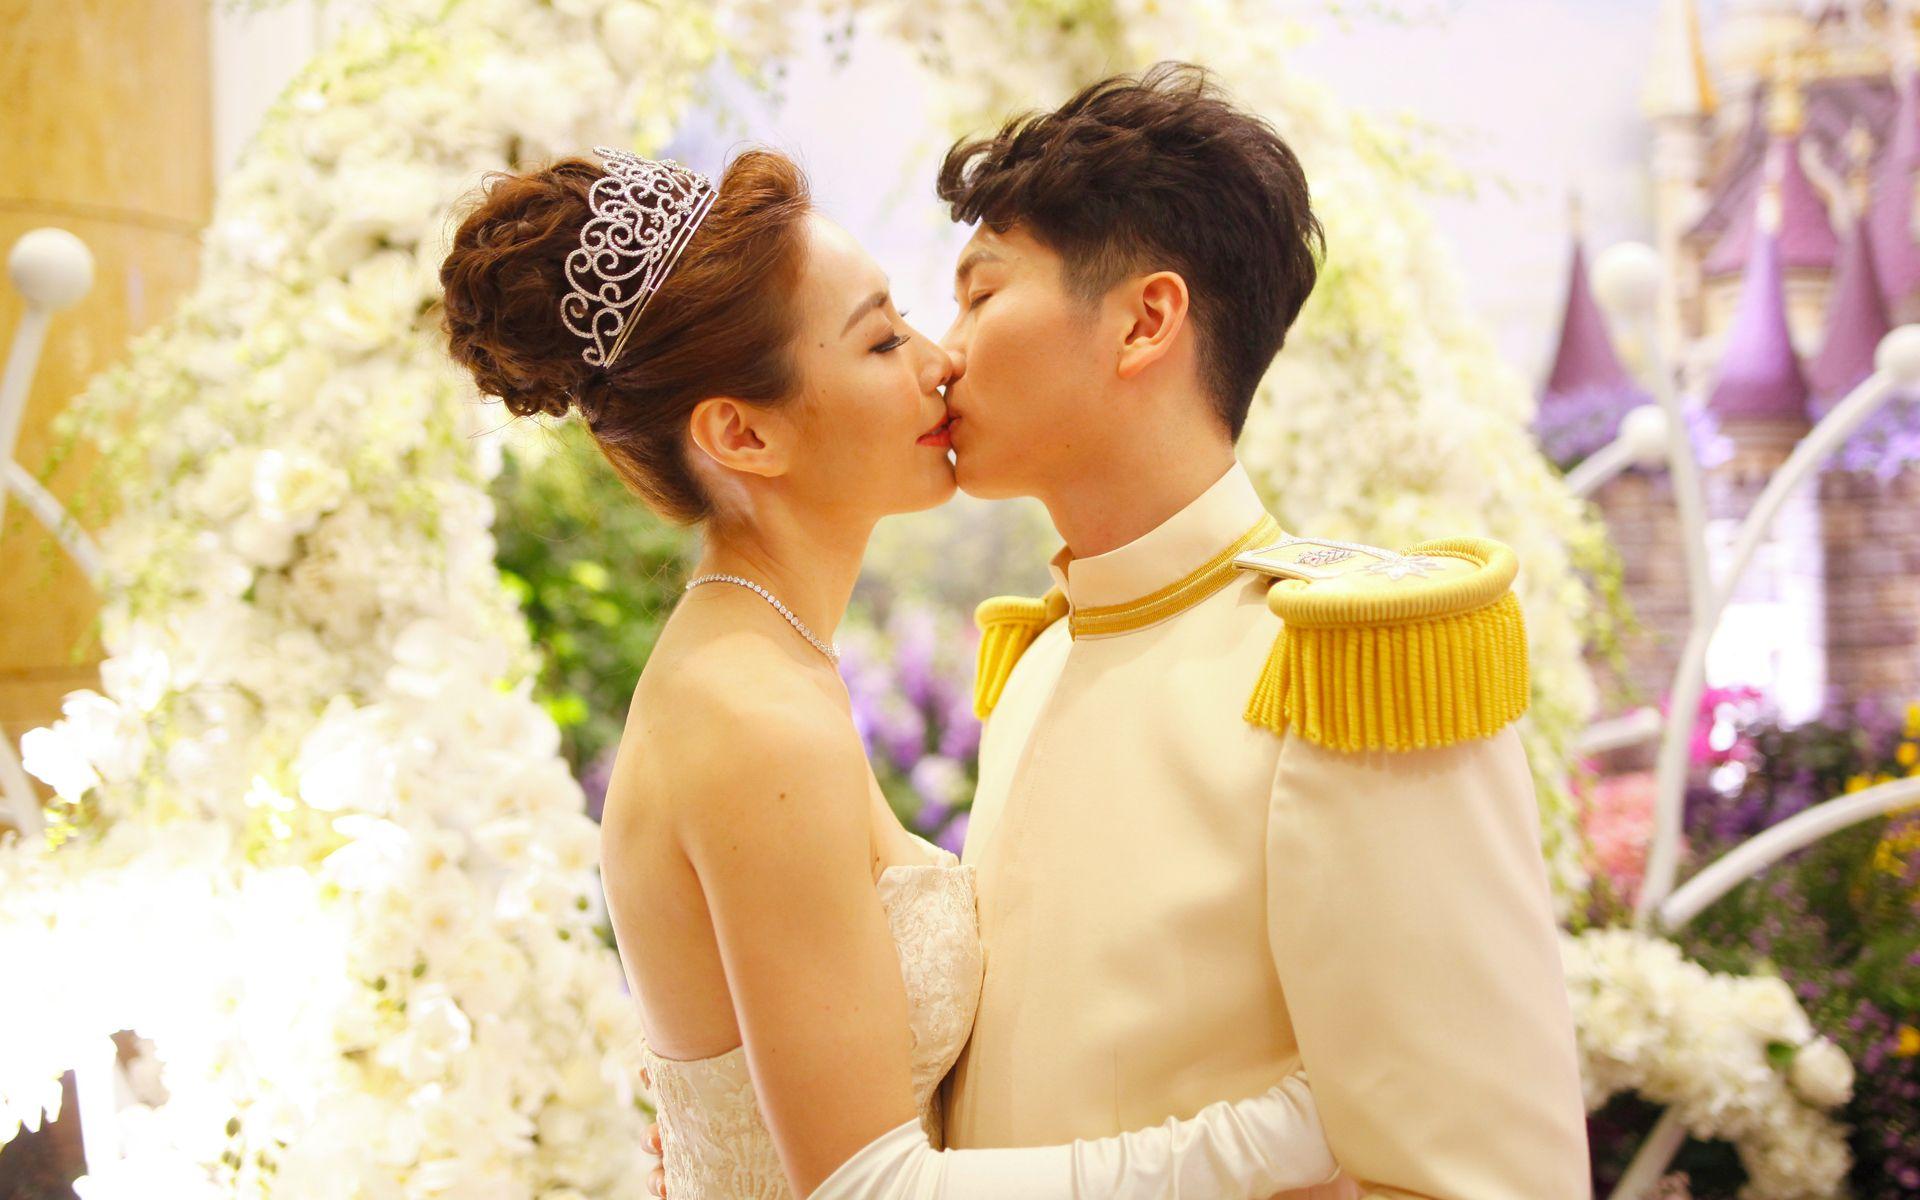 Enya Chen and Jim Tan